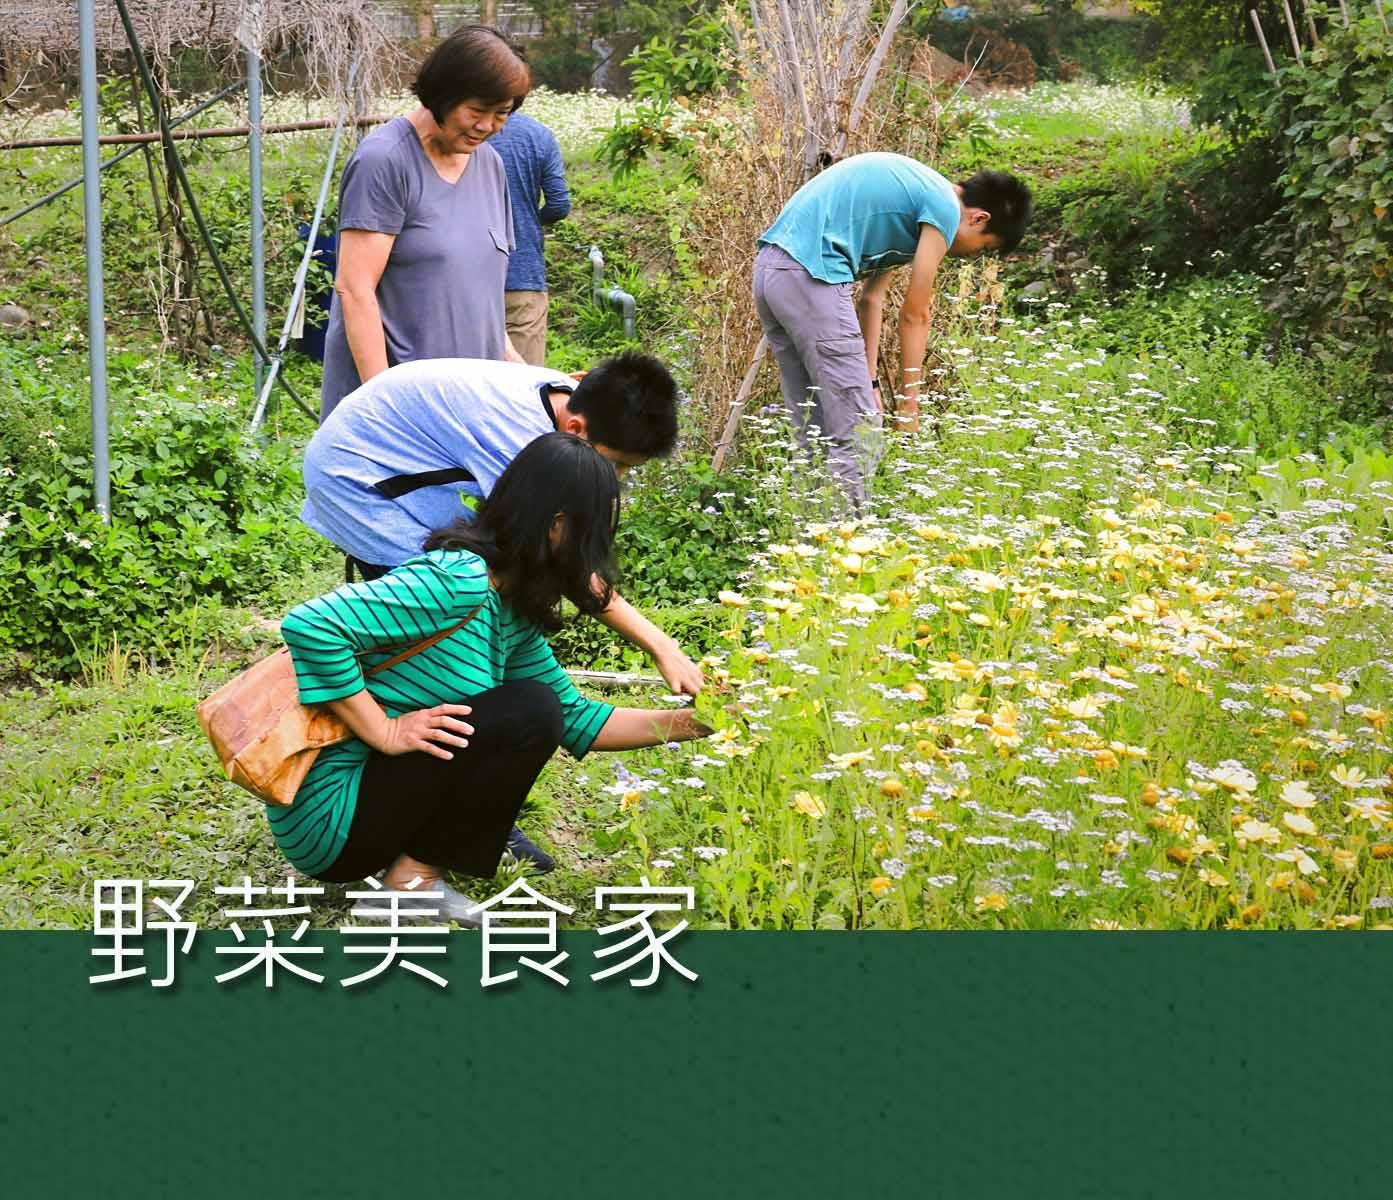 裡山塾體驗活動|野菜美食家 | 裡山塾